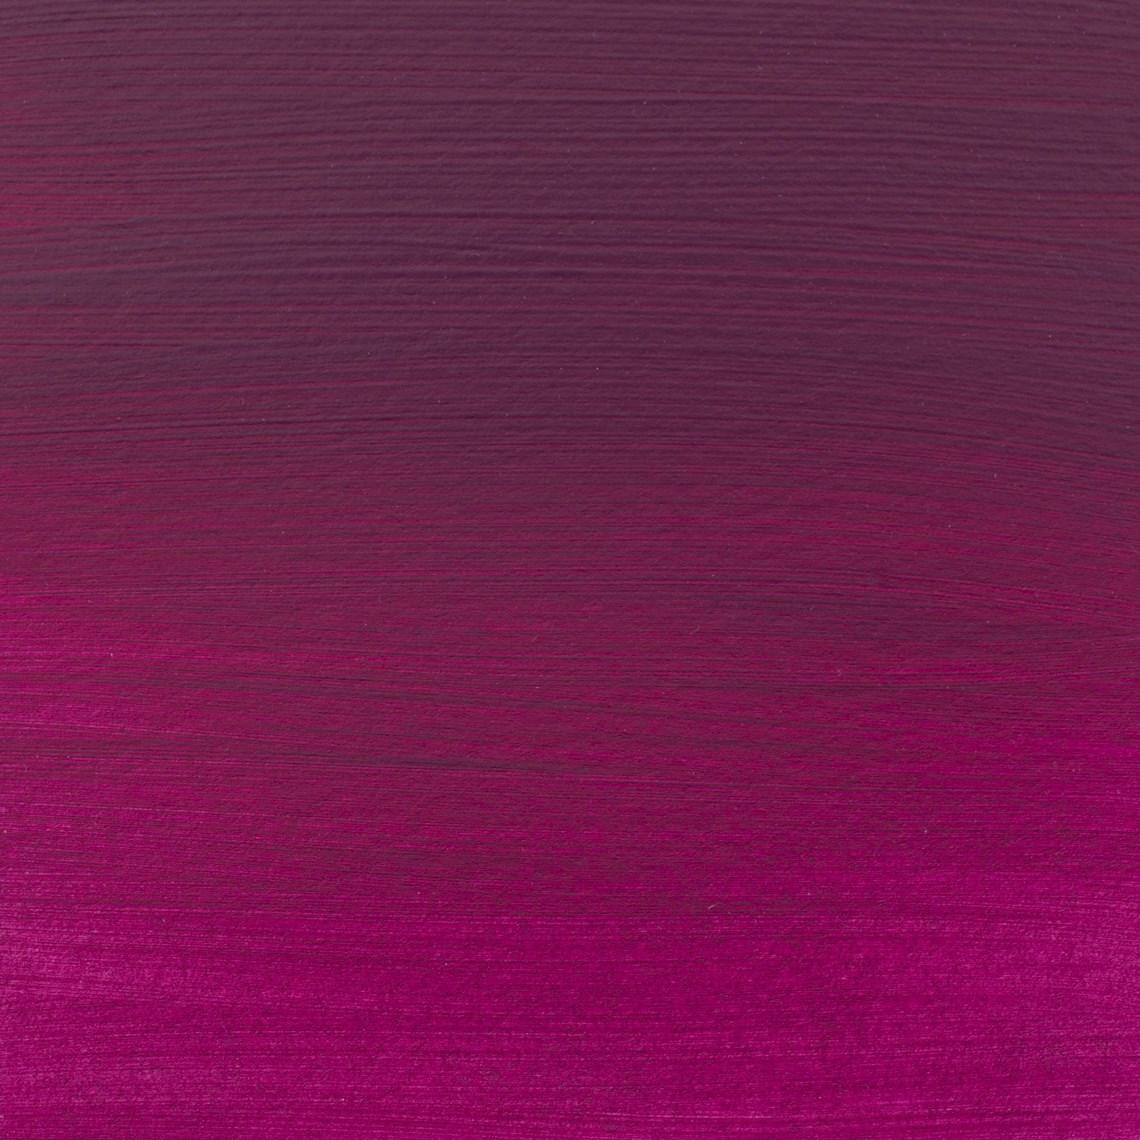 Amsterdam acrylverf Caput mortuum violet 344 Angelart Kunst en zo